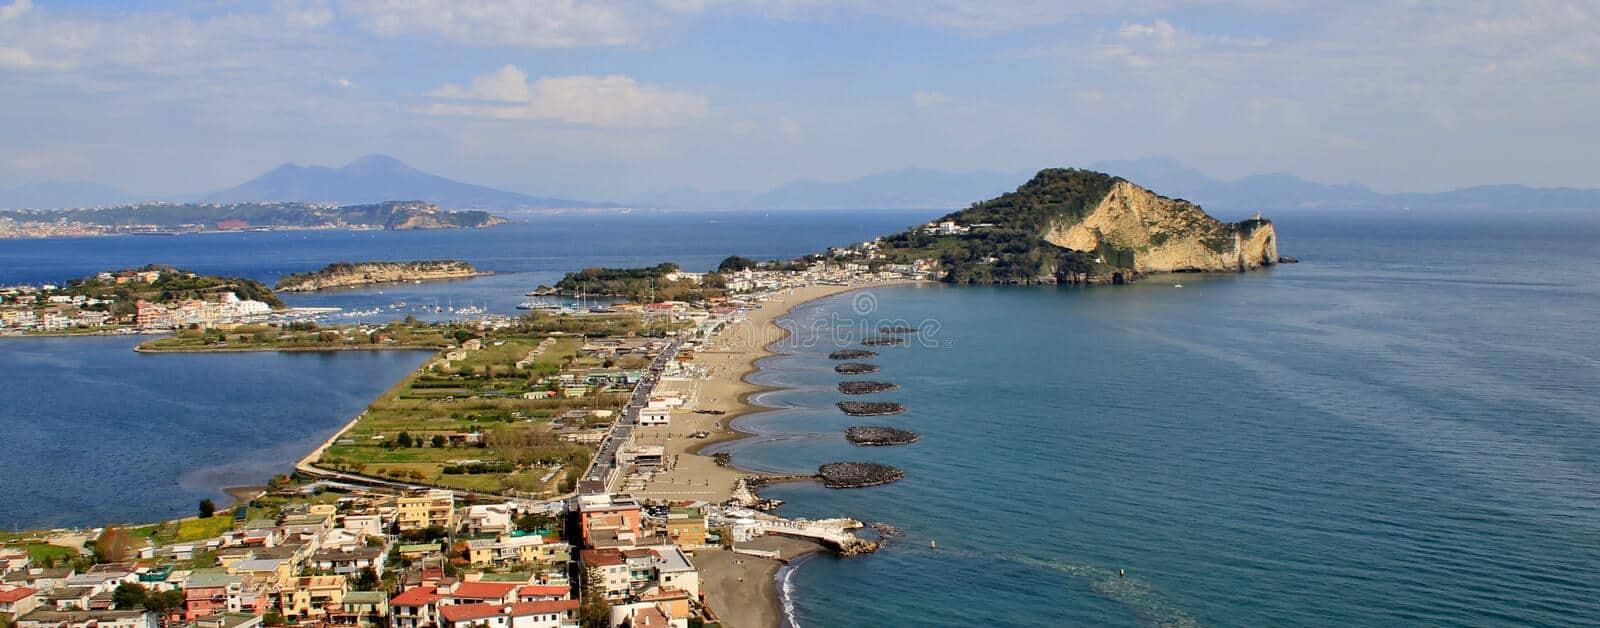 20210531121020faro-di-miseno-della-spiaggia-e-del-capo-di-procida-napoli-90047165.jpg